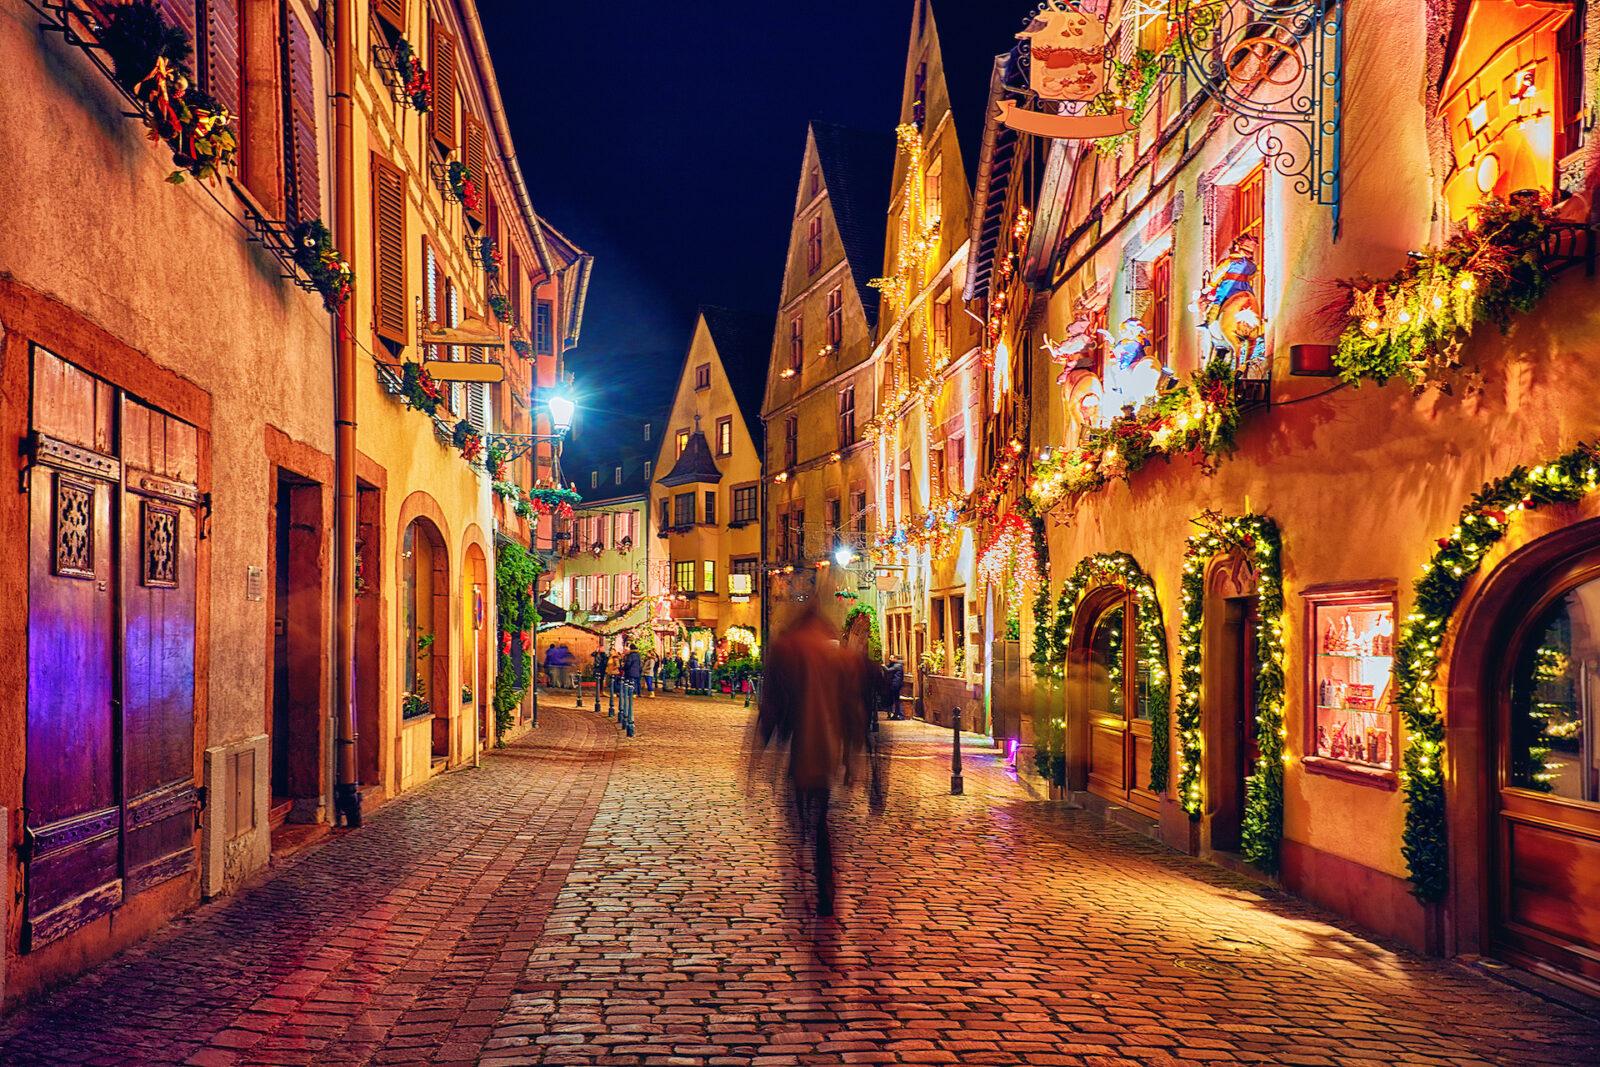 marché de noël de kaysersberg - Visiter le marché de Noël de Kaysersberg - 2021 - 1